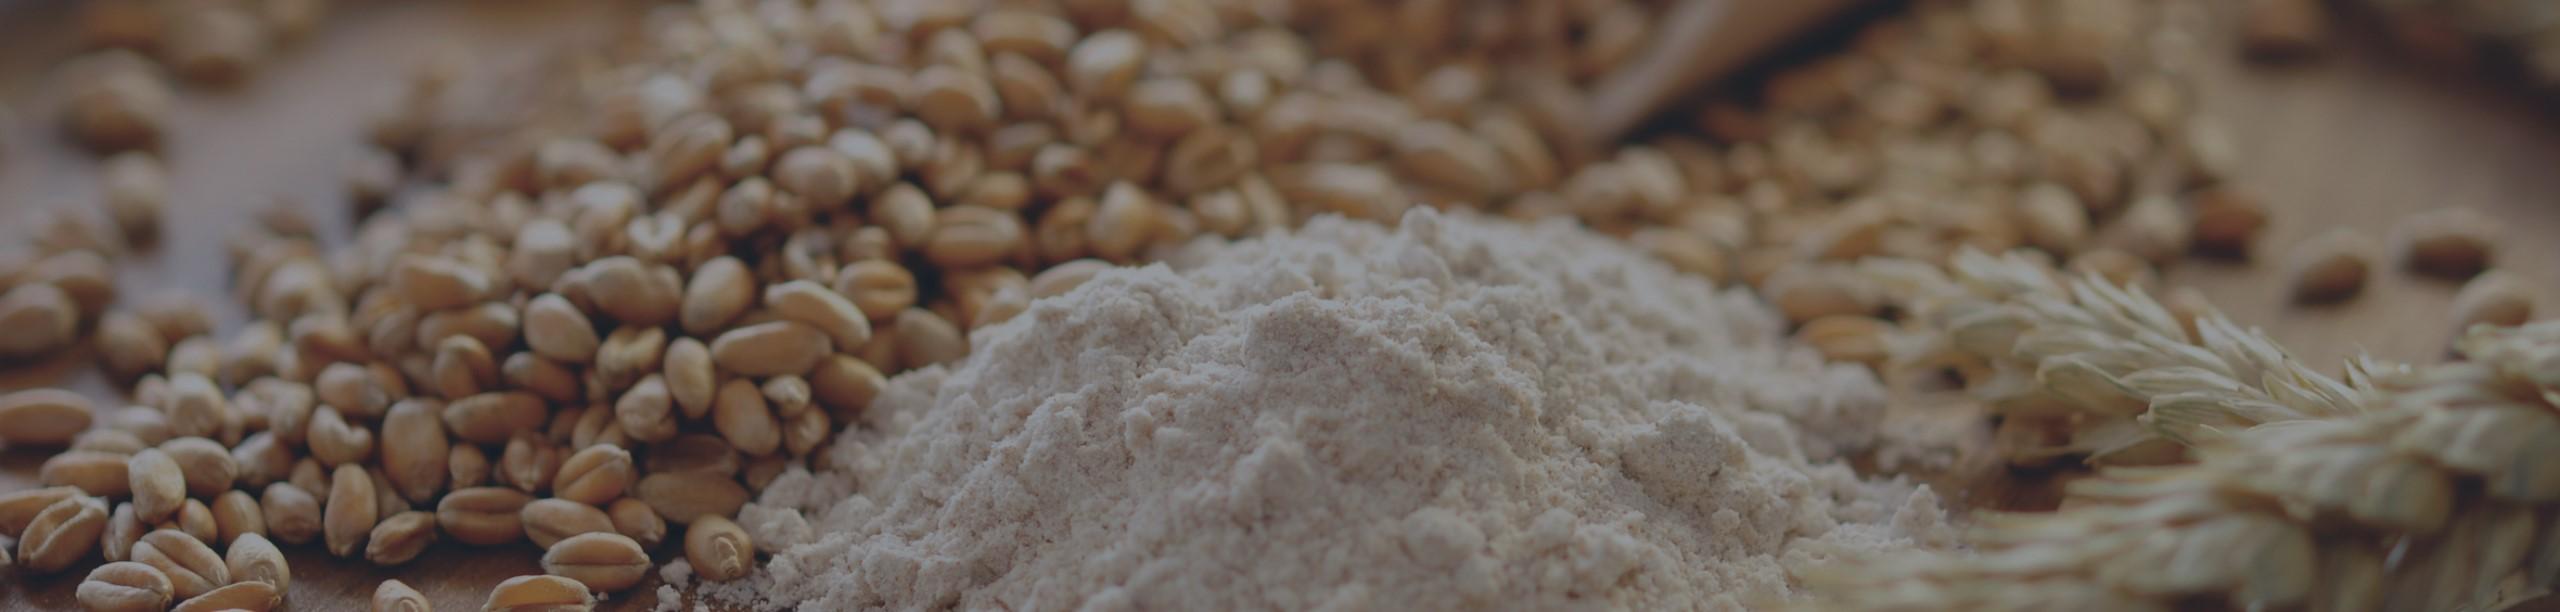 Grains1-3